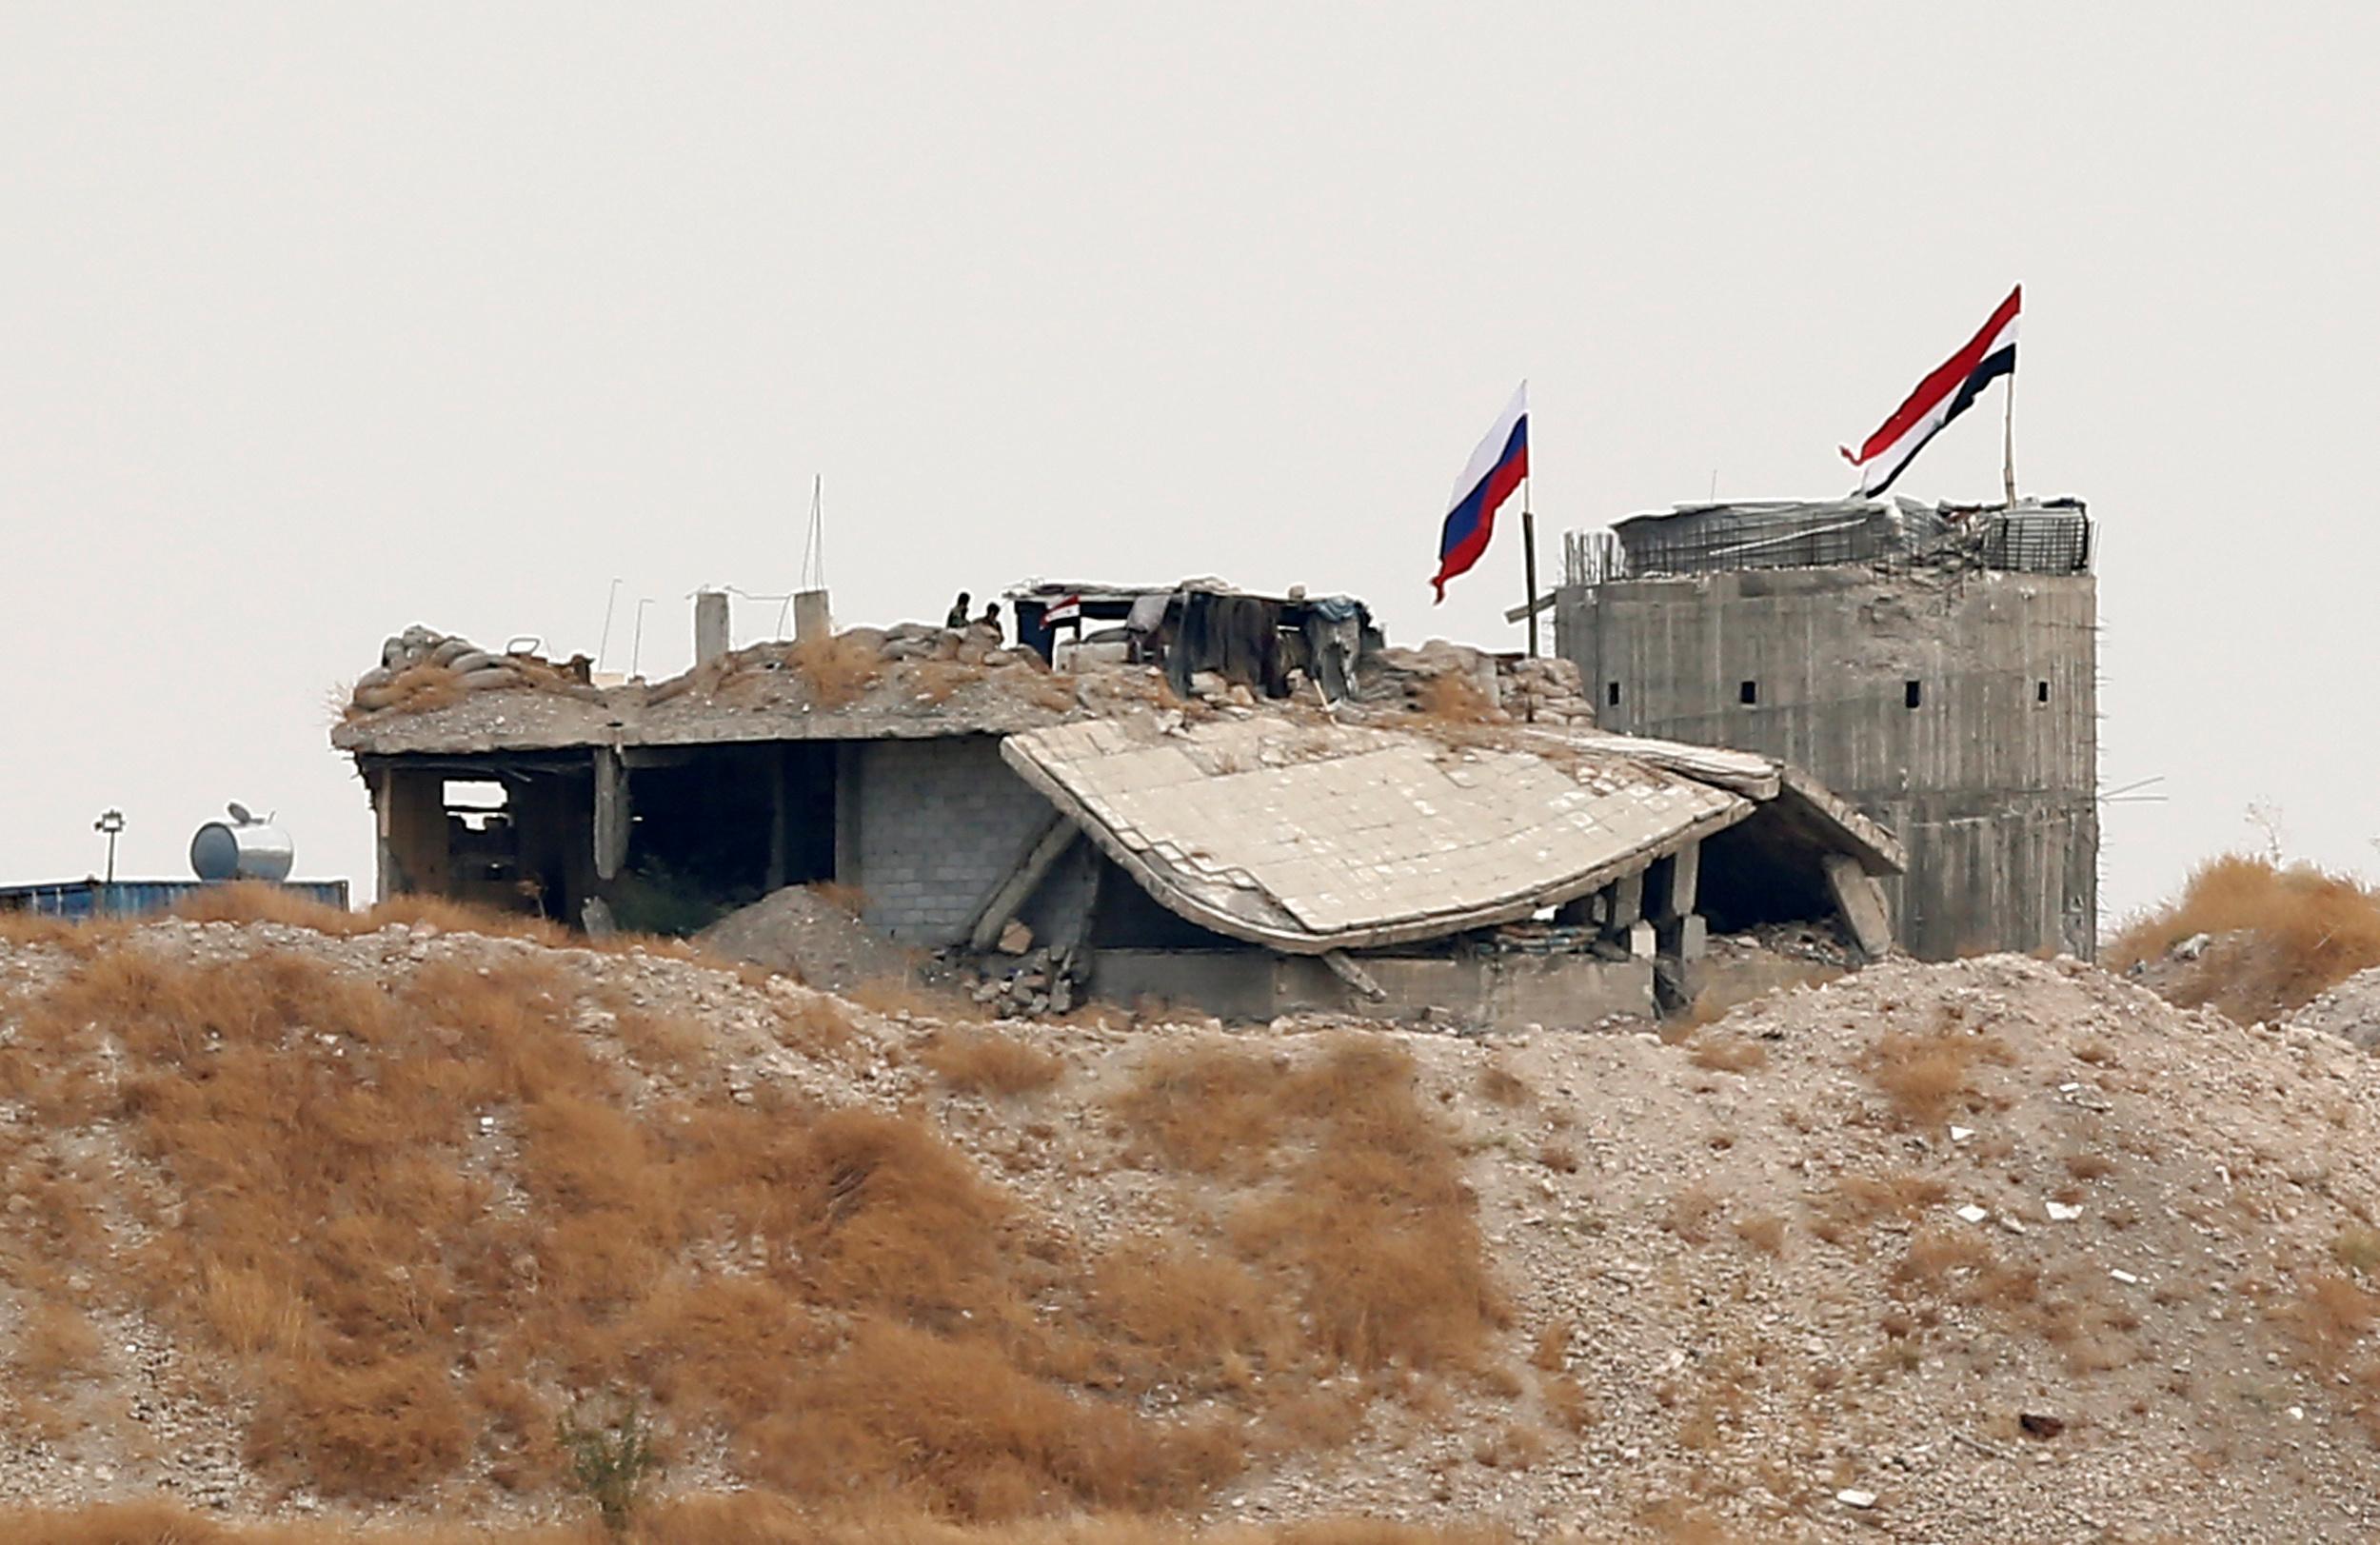 Russland lehnt AKK-Vorschlag für Sicherheitszone in Syrien ab